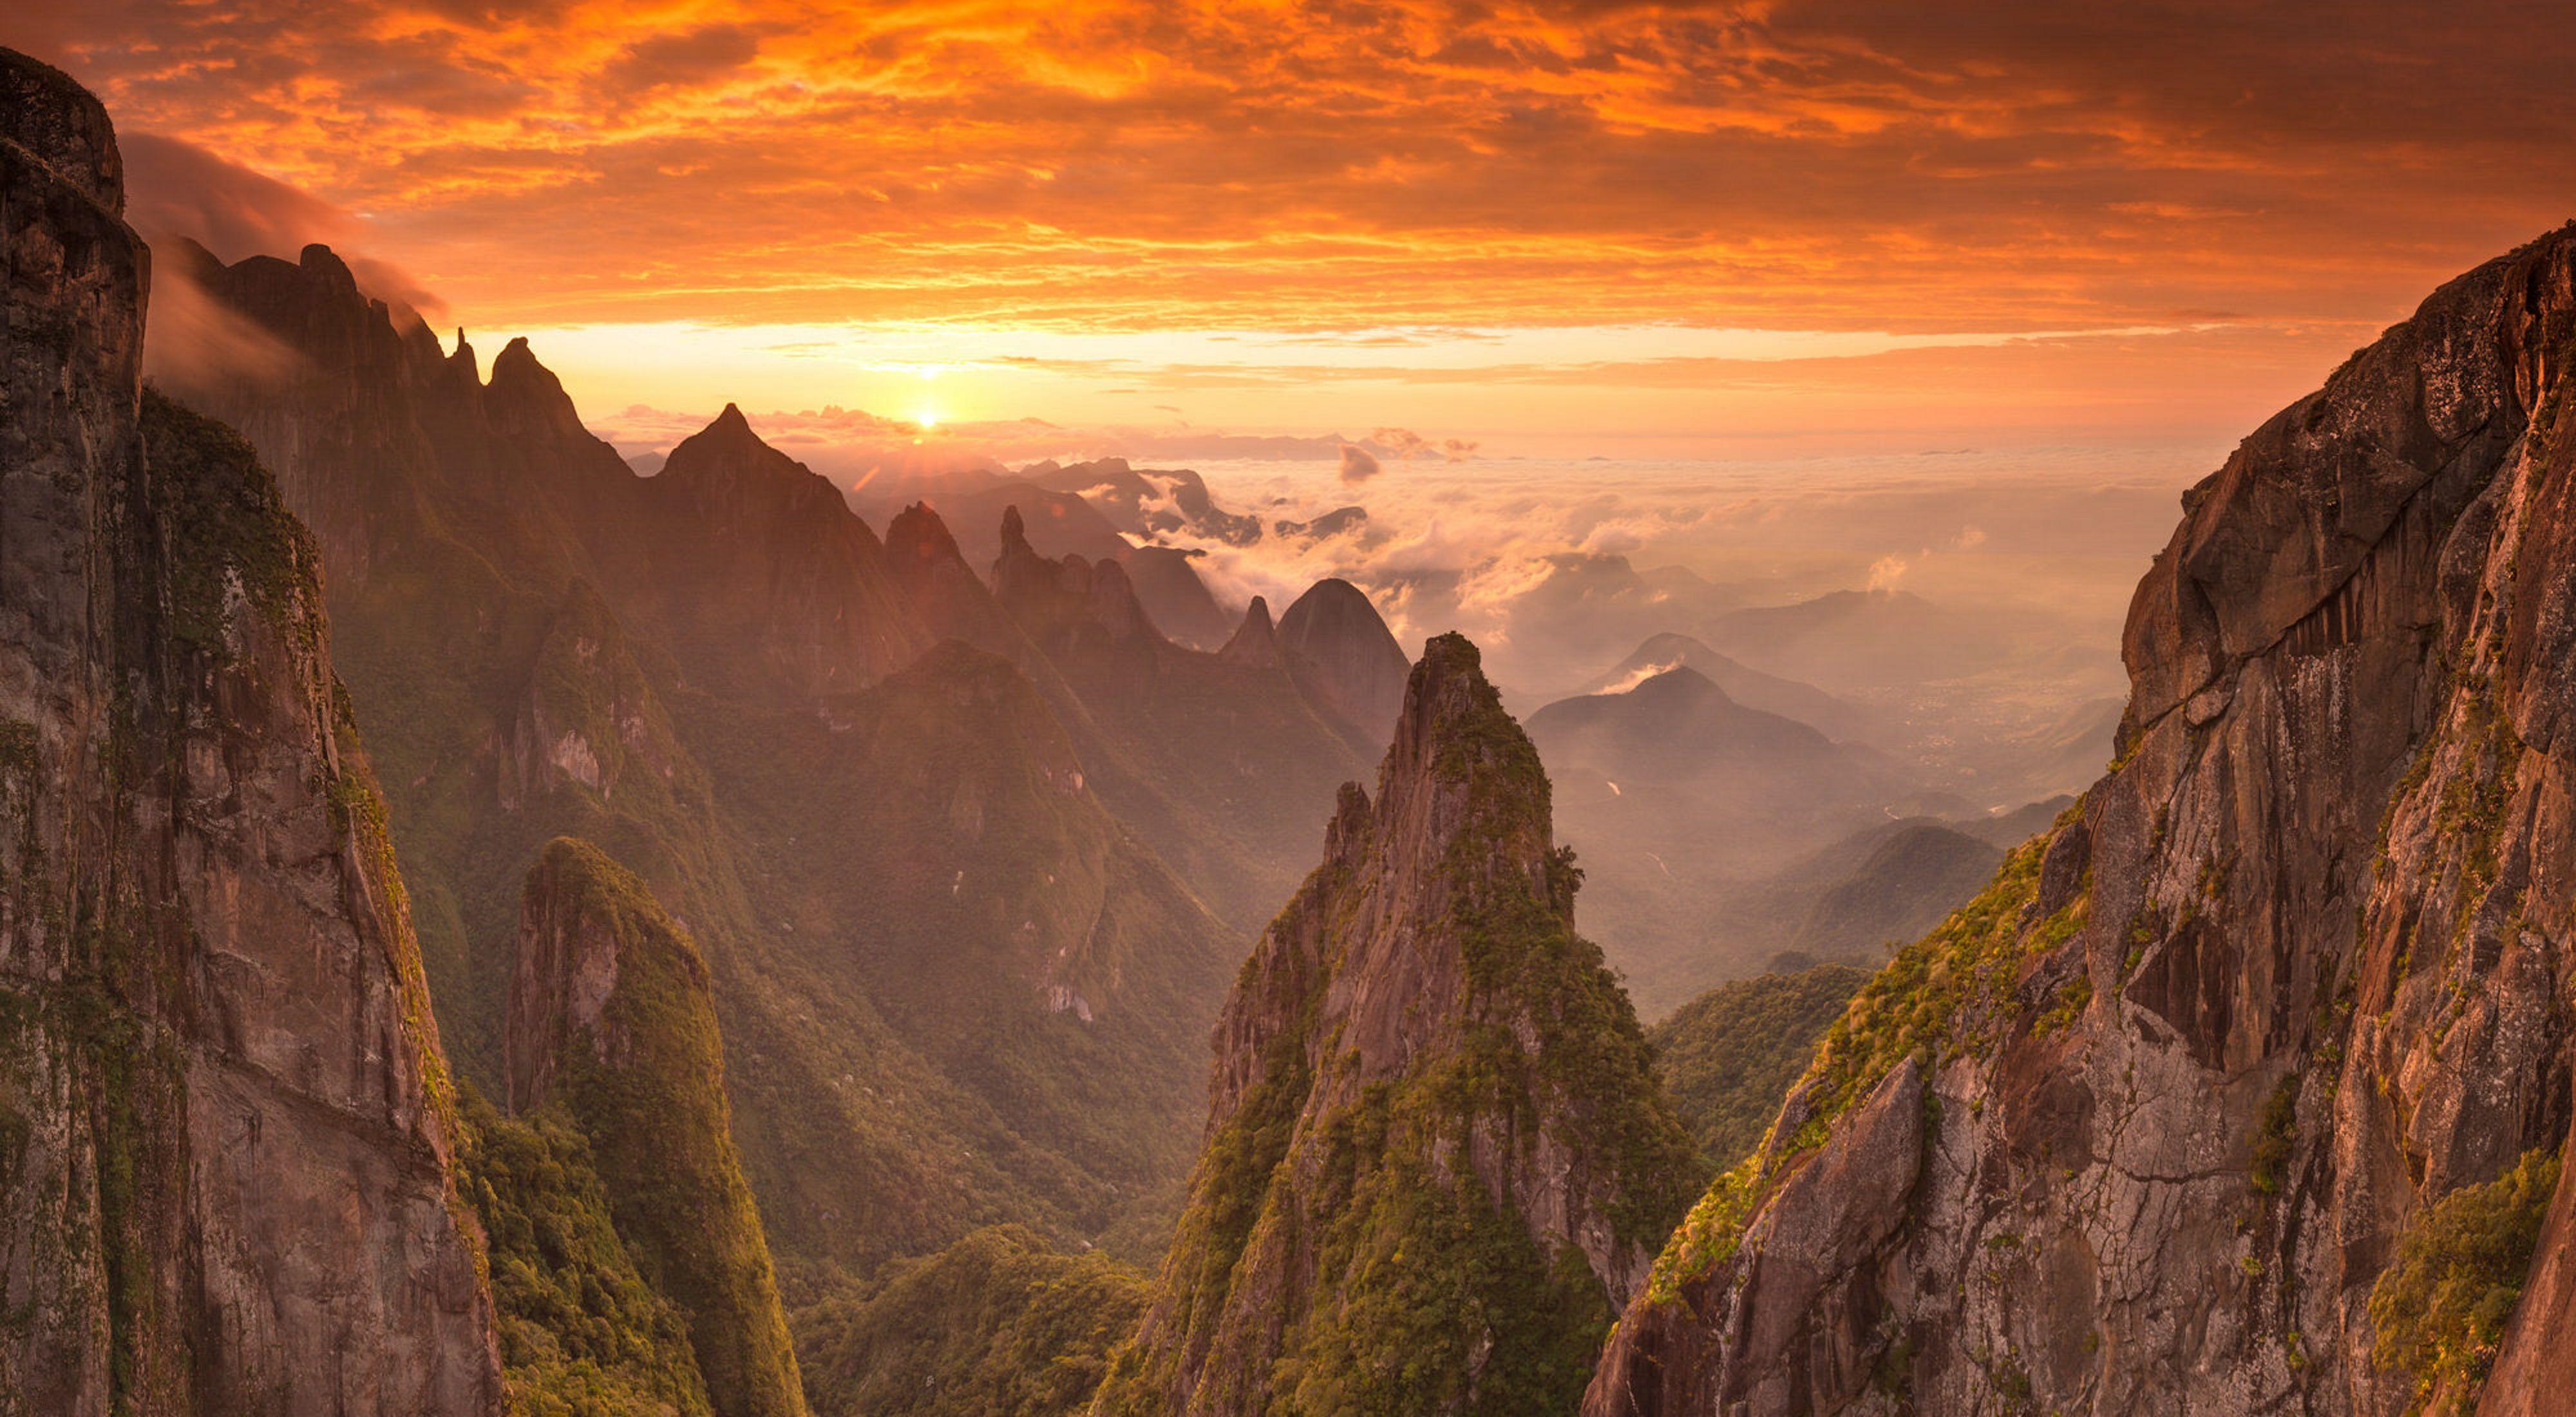 Magical sunrise at Serra dos Órgãos National Park in Rio de Janeiro/Brazil.